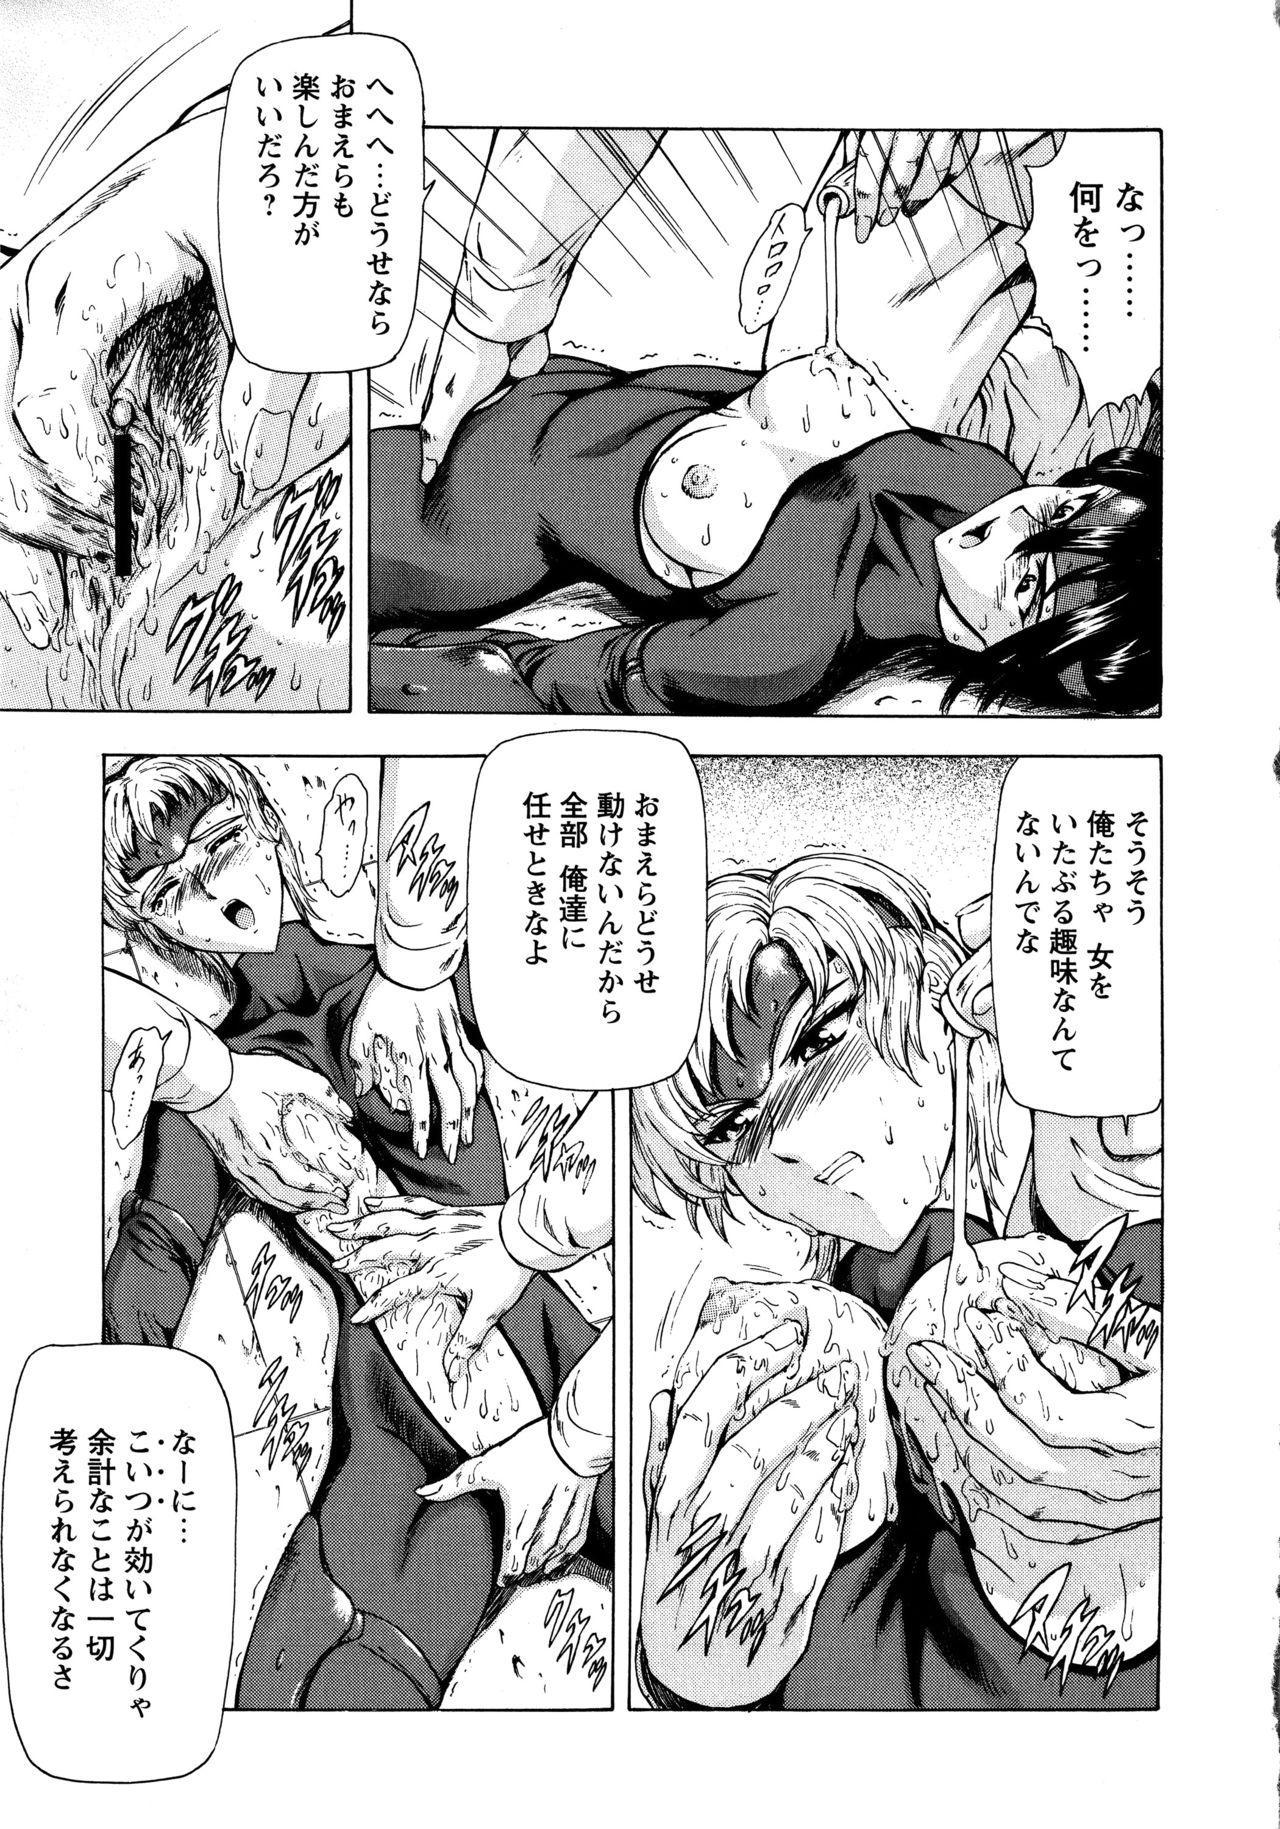 Ginryuu no Reimei Vol. 1 128